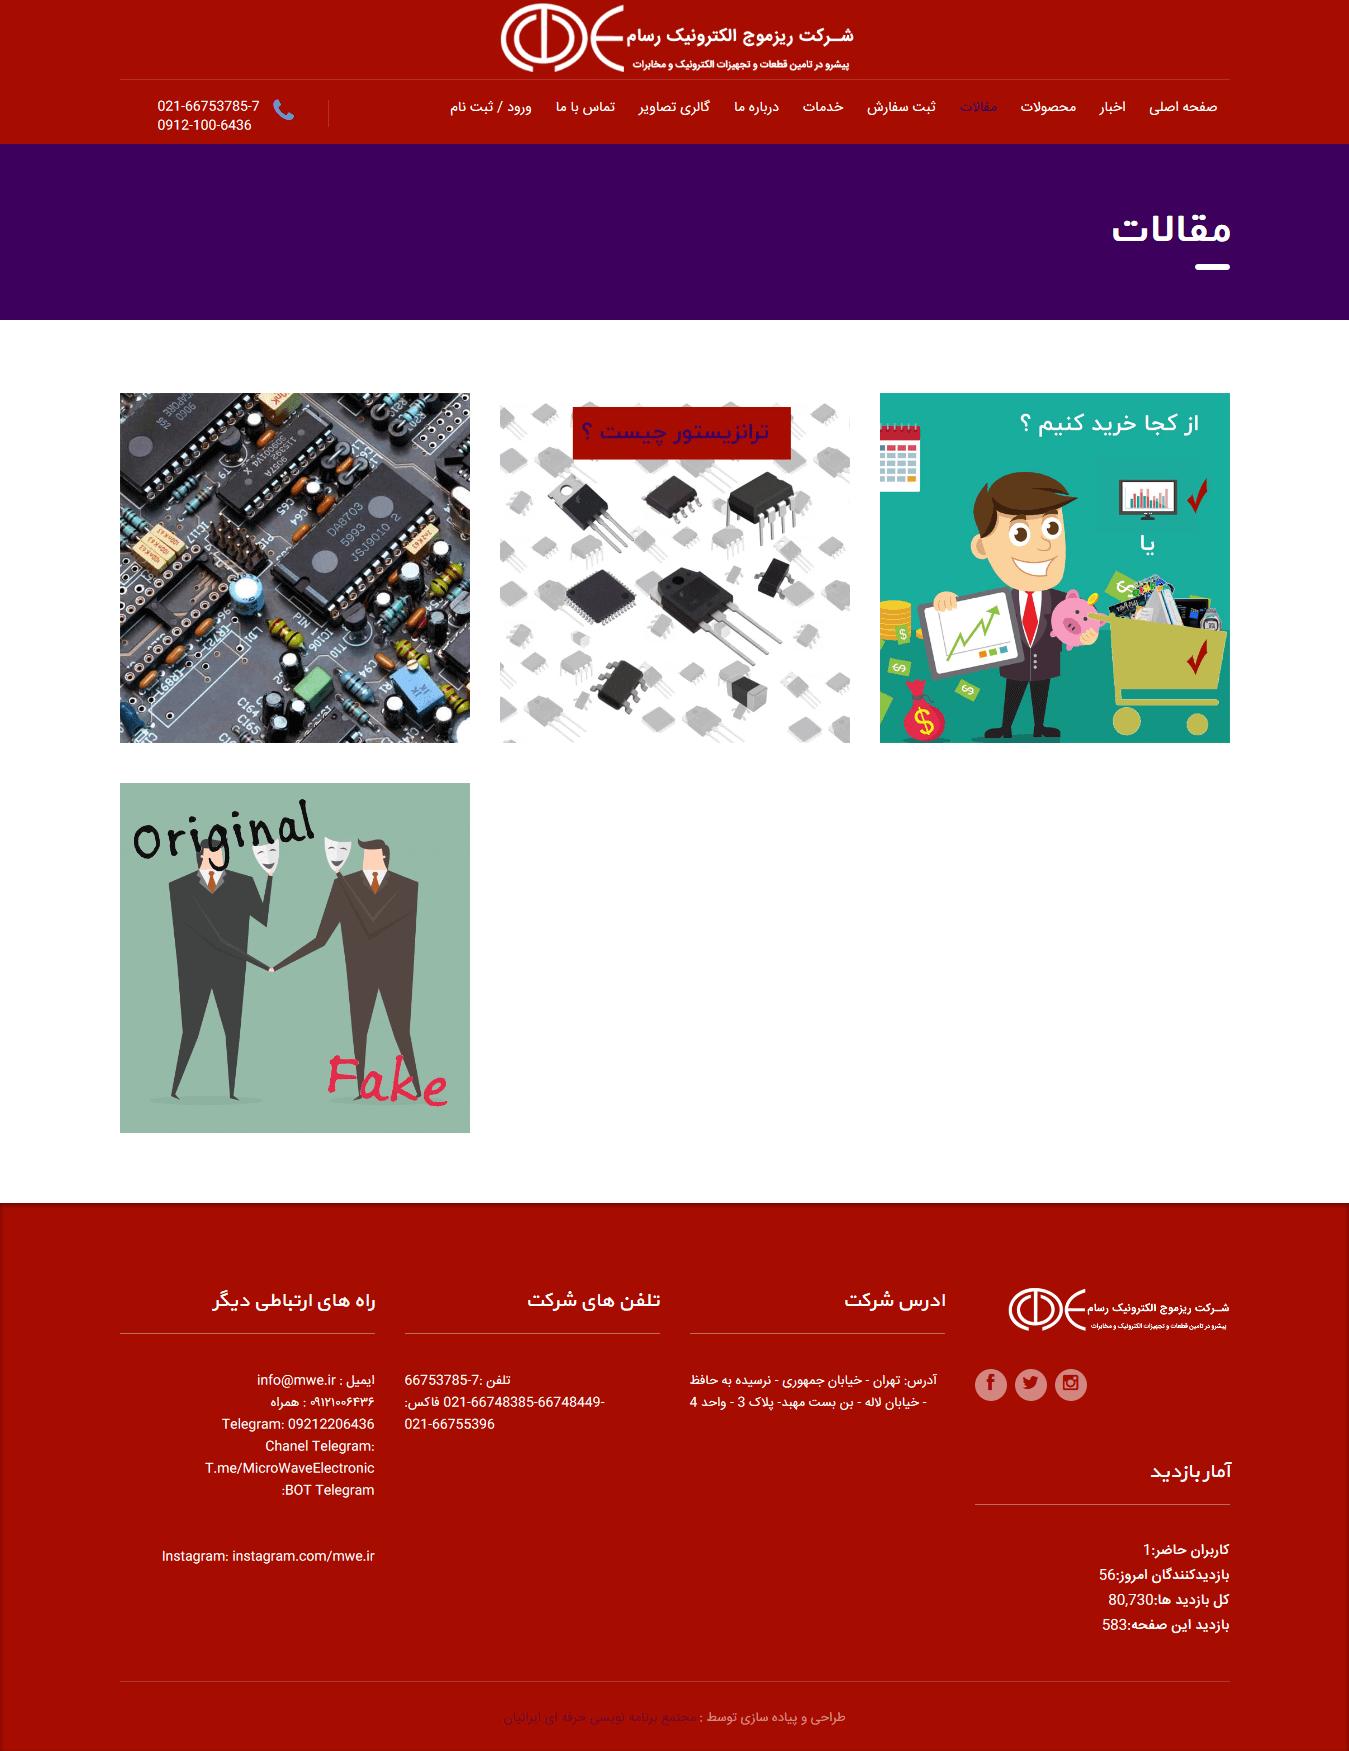 صفحه مقالات سایت شرکت ریز موج الکترونیک رسام